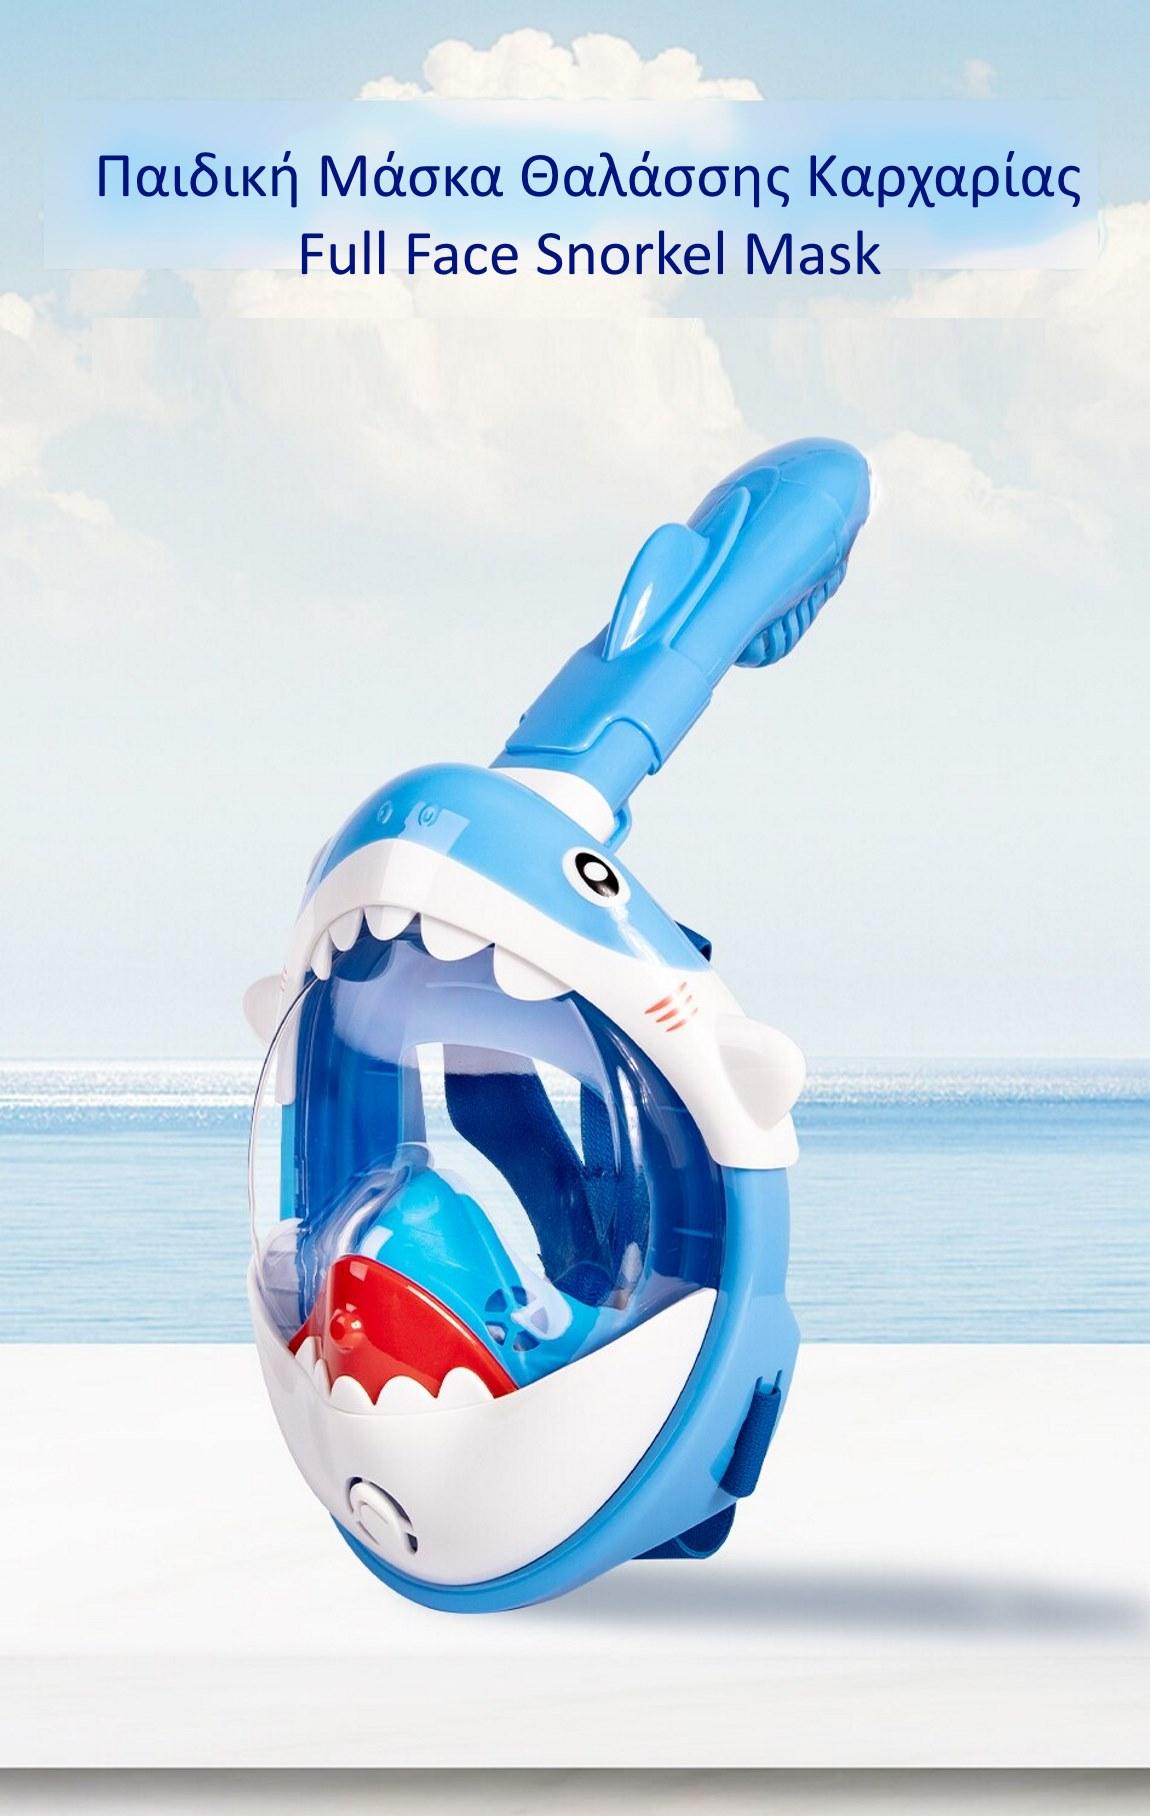 Παιδική Μάσκα Θαλάσσης Καρχαρίας